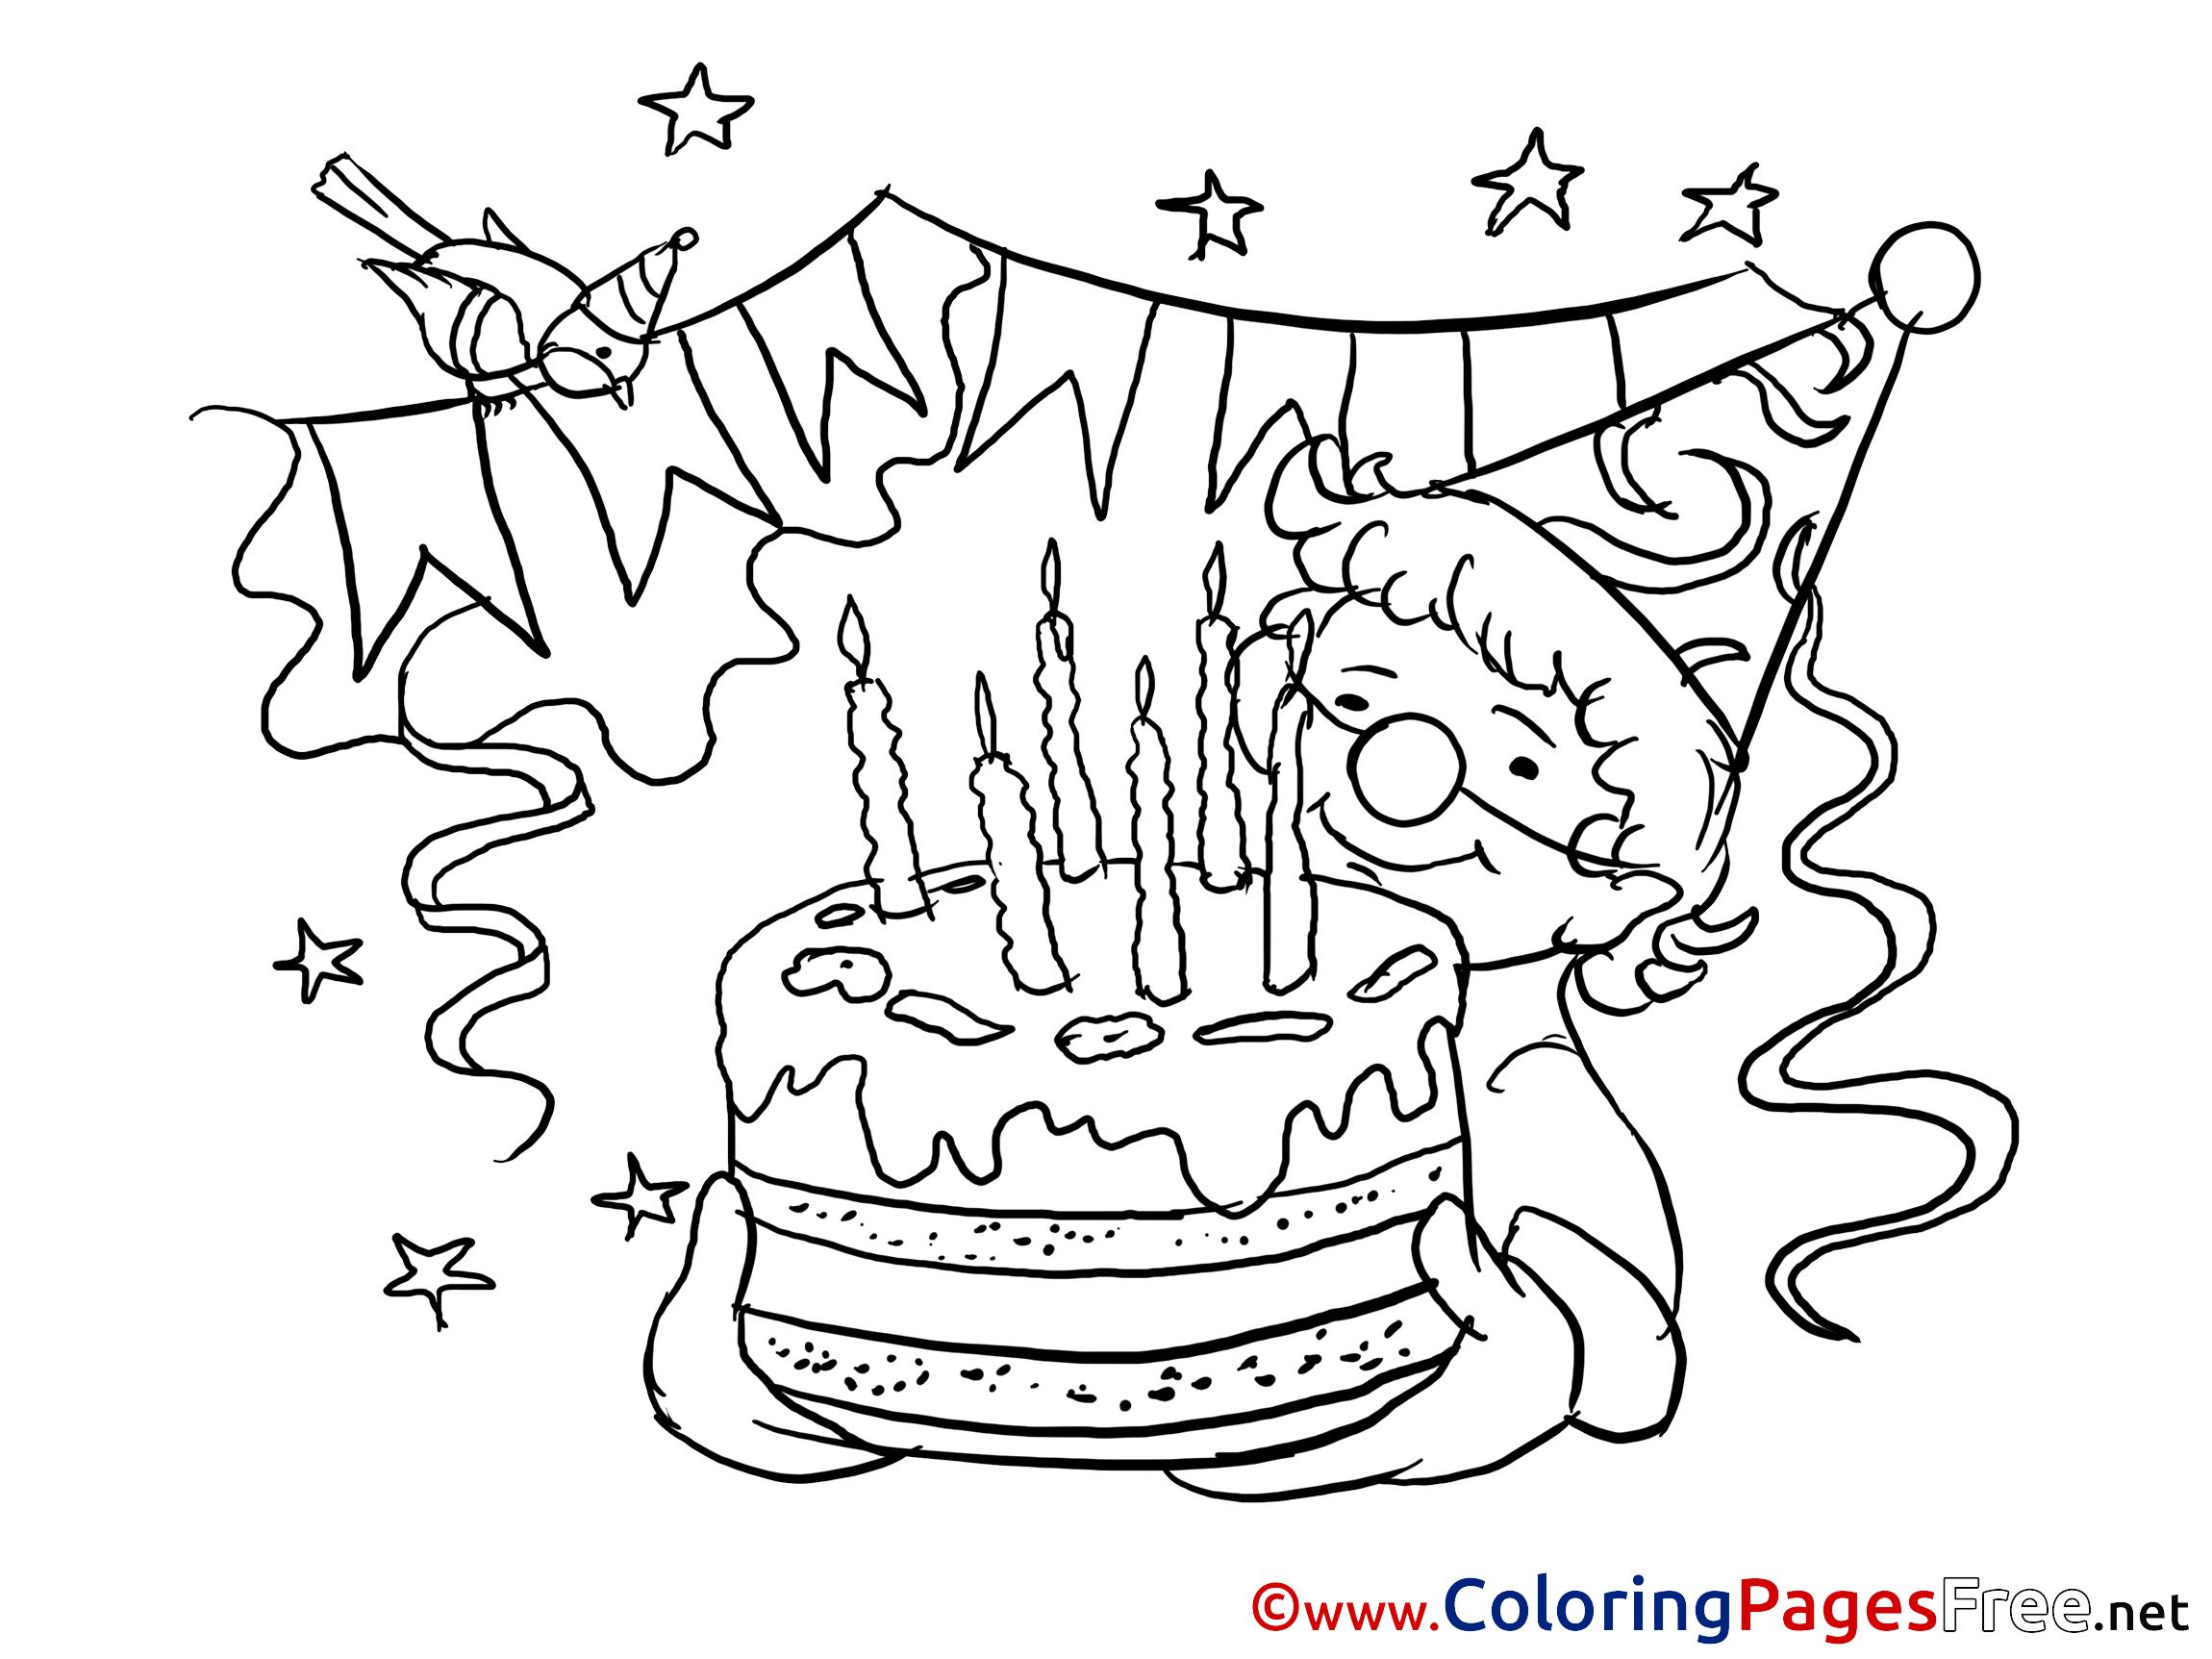 Открытка на день рождения раскрасить